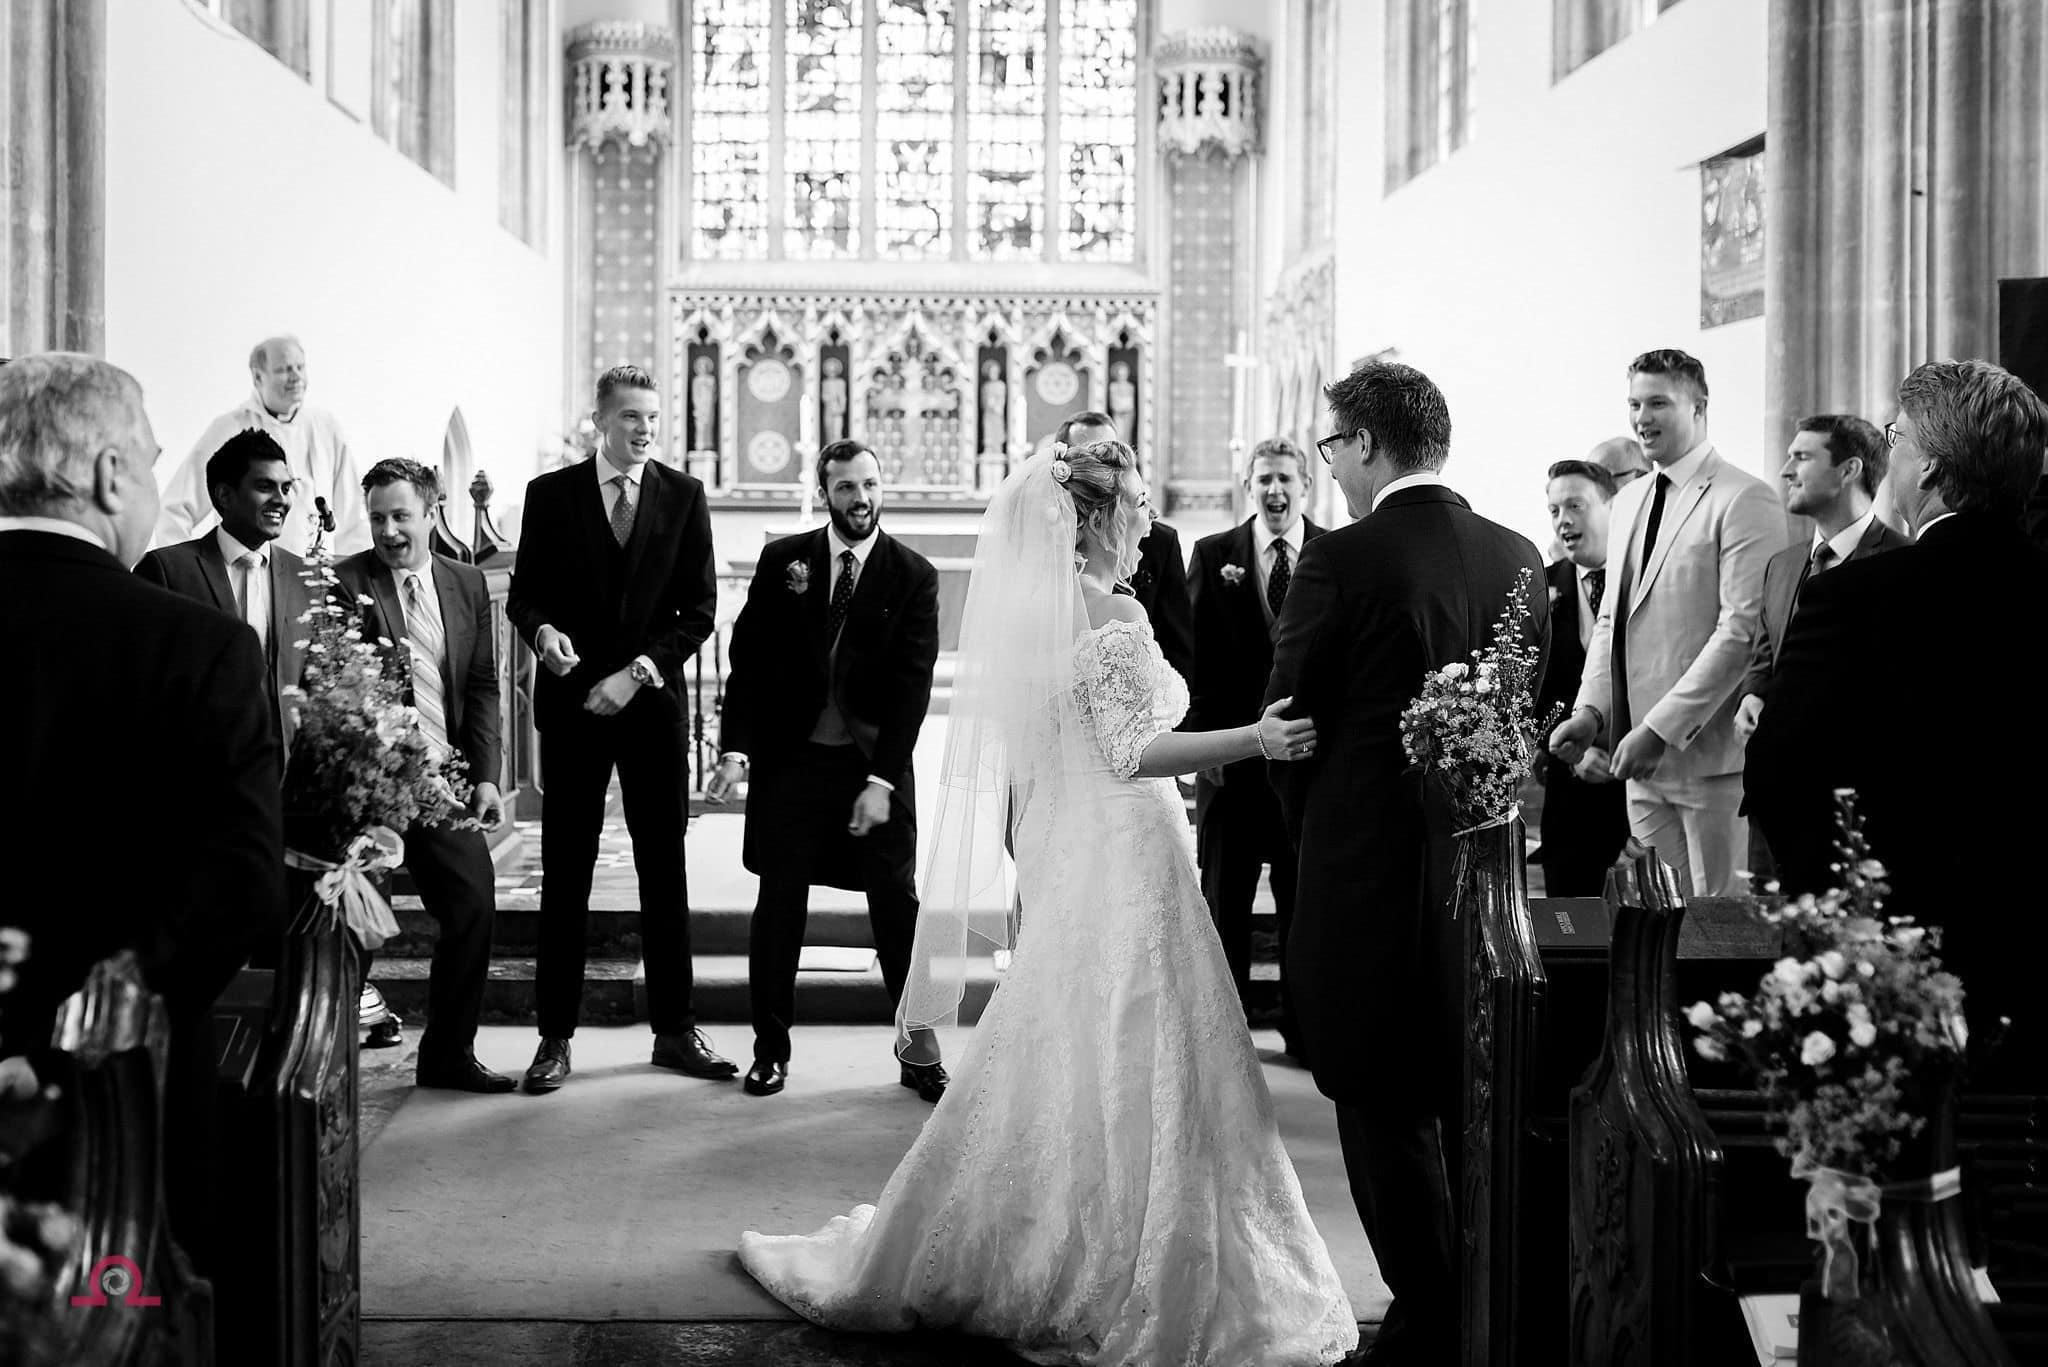 A brides reaction to a wedding flash mob